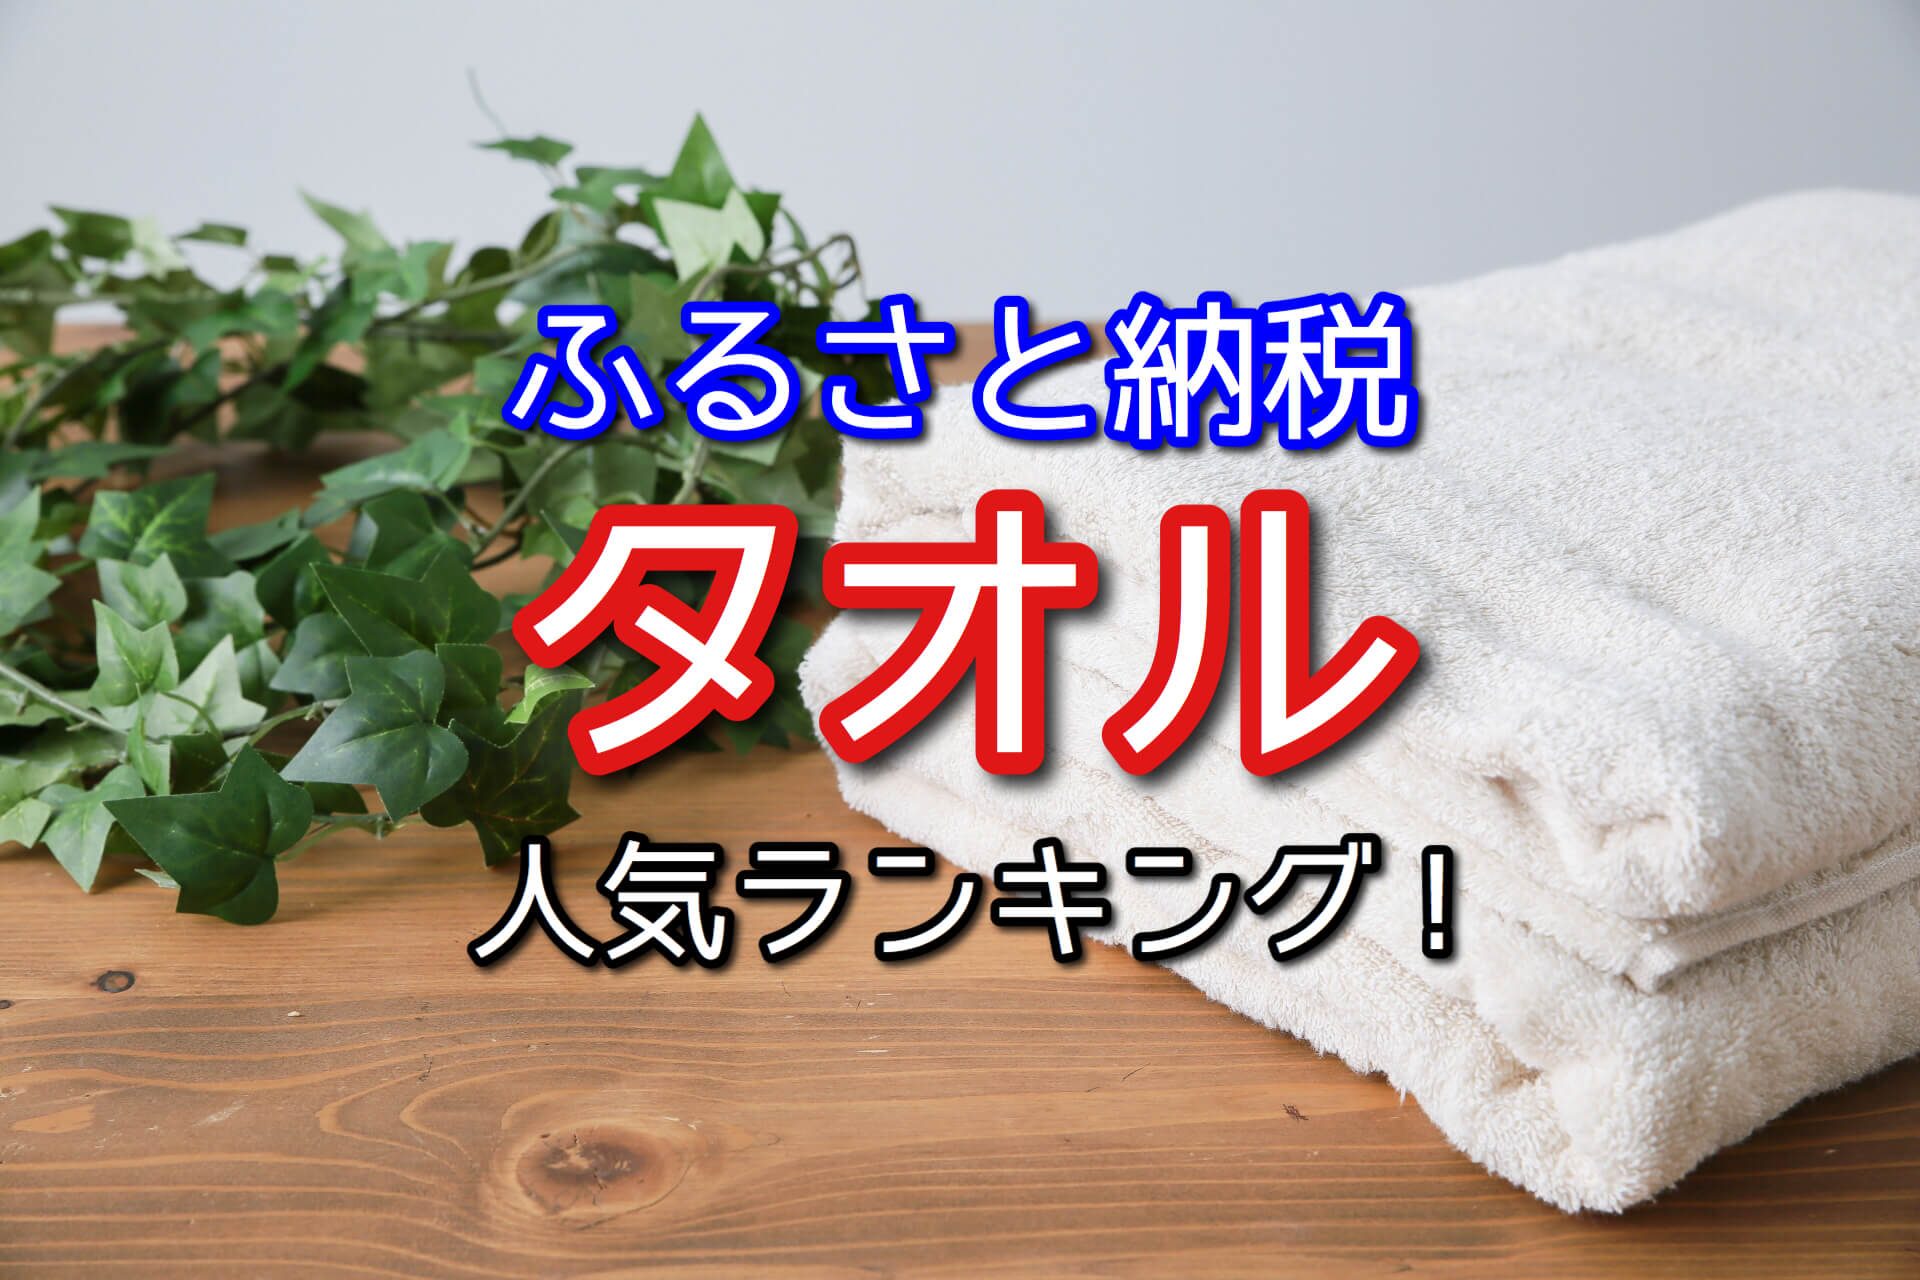 【ふるさと納税】タオルおすすめランキングTOP10!還元率も紹介!